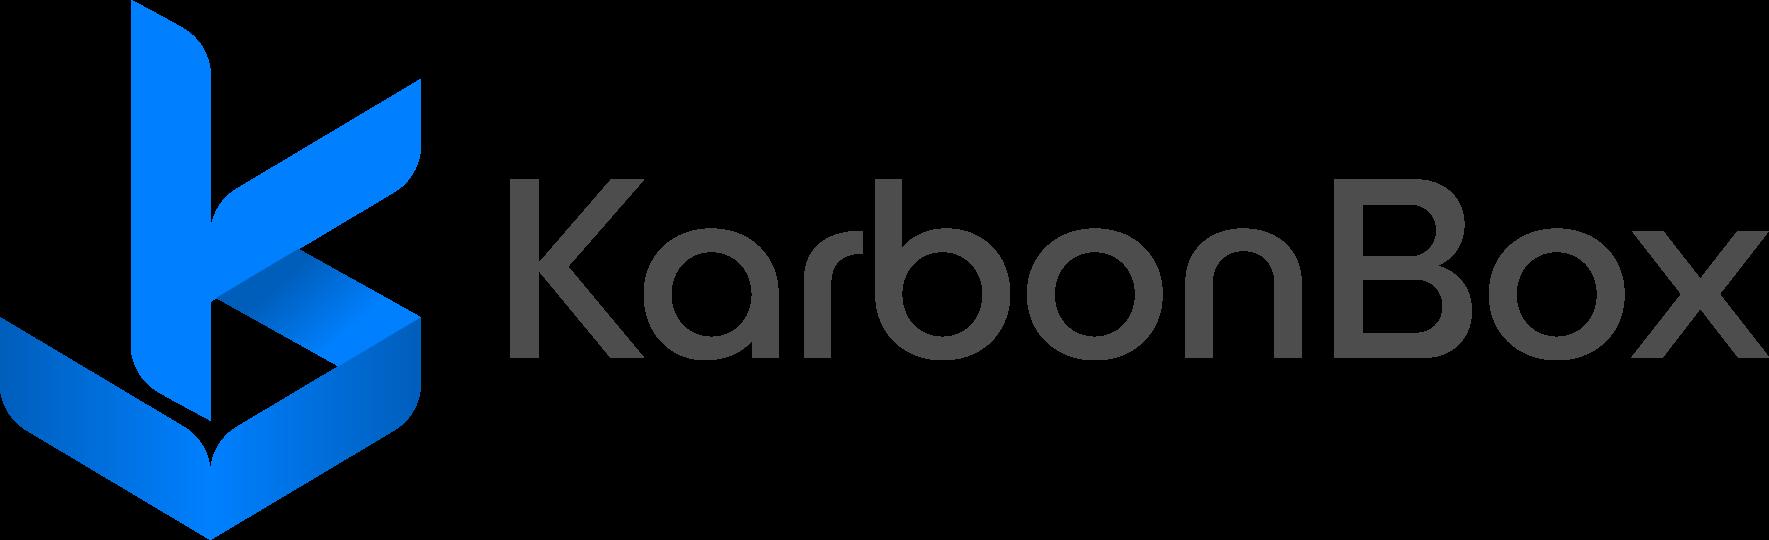 KarbonBox